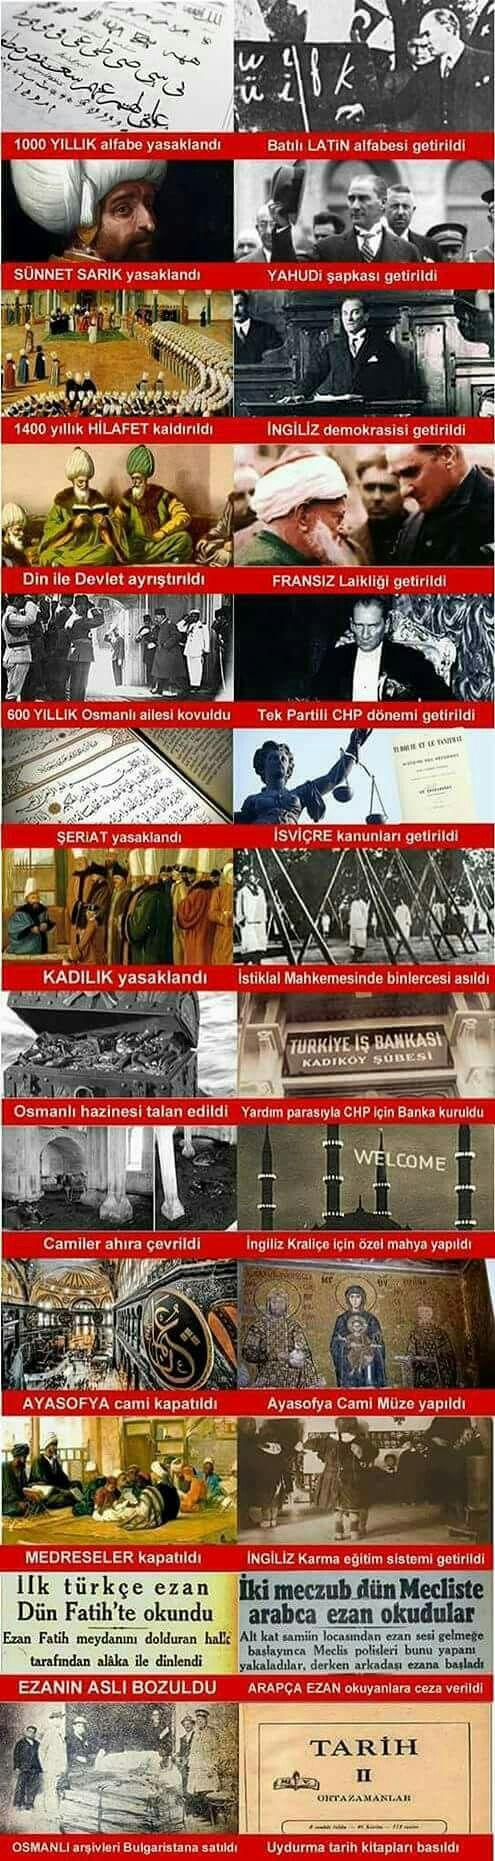 #Vahdettin #Hilafet #Saltanat #Kanun #Kemalist #Bozkurt #Anıtkabir #Nutuk #Erdoğan #Suriye #İdlib #Irak #15Temmuz #gezi #İngiliz #Sözcü #Meclis #Milletvekili #TBMM #İnönü #Atatürk #Cumhuriyet #RecepTayyipErdoğan #türkiye#istanbul#ankara #izmir#kayıboyu #laiklik#asker #sondakika #mhp#antalya#polis #jöh #pöh#dirilişertuğrul#tsk #Kitap #chp #şiir #tarih #bayrak #vatan #devlet #islam #gündem #türk #ata #Pakistan #Türkmen #turan #Osmanlı #Azerbaycan #Öğretmen #Musul #Kerkük #israil…